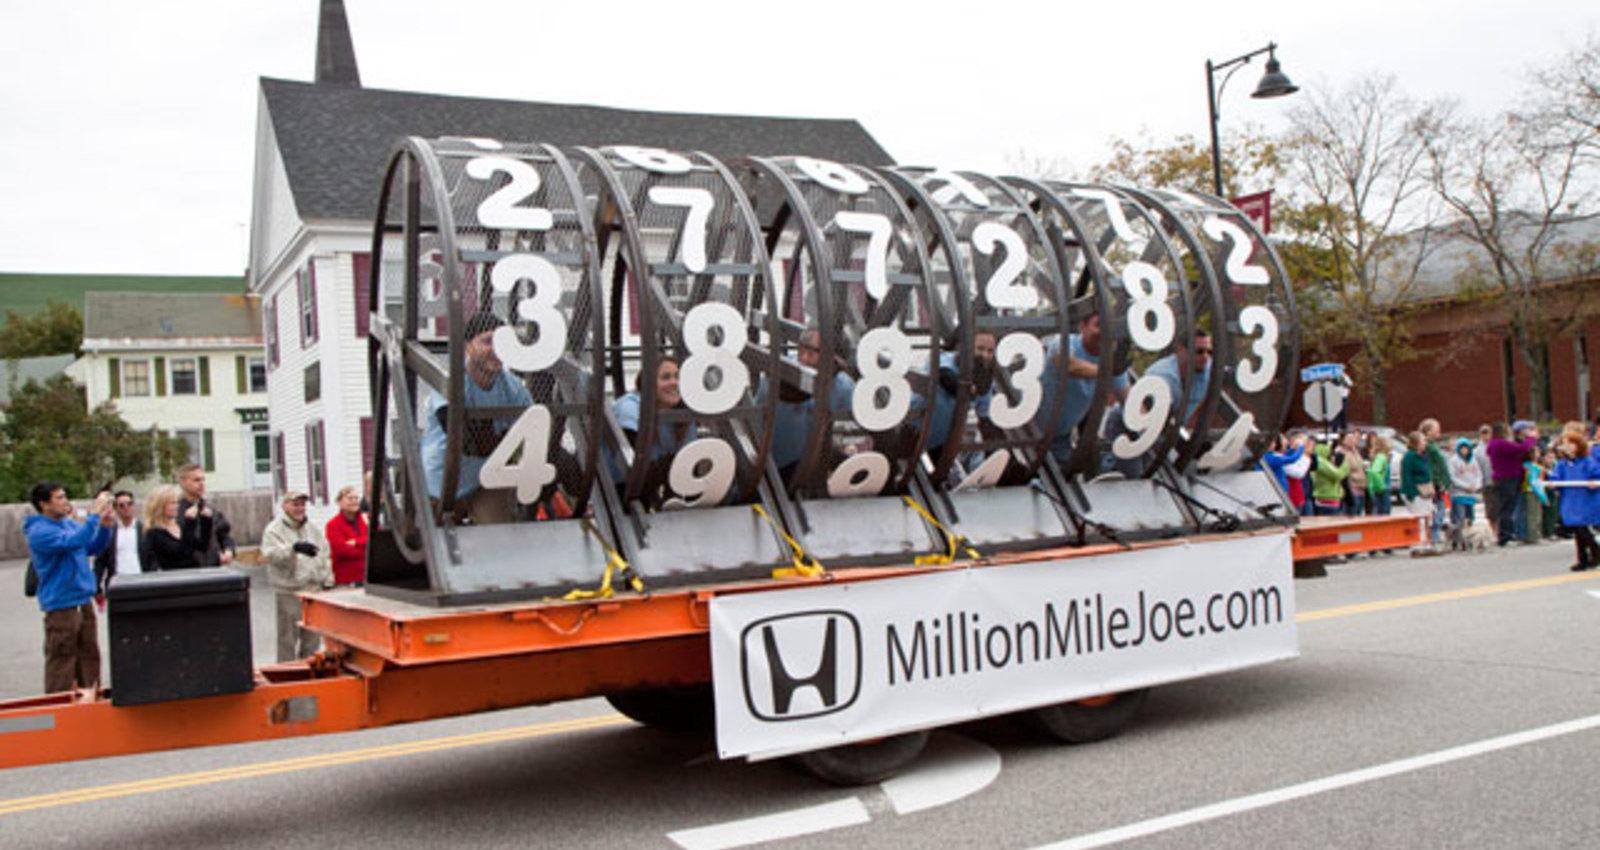 Million Mile Joe